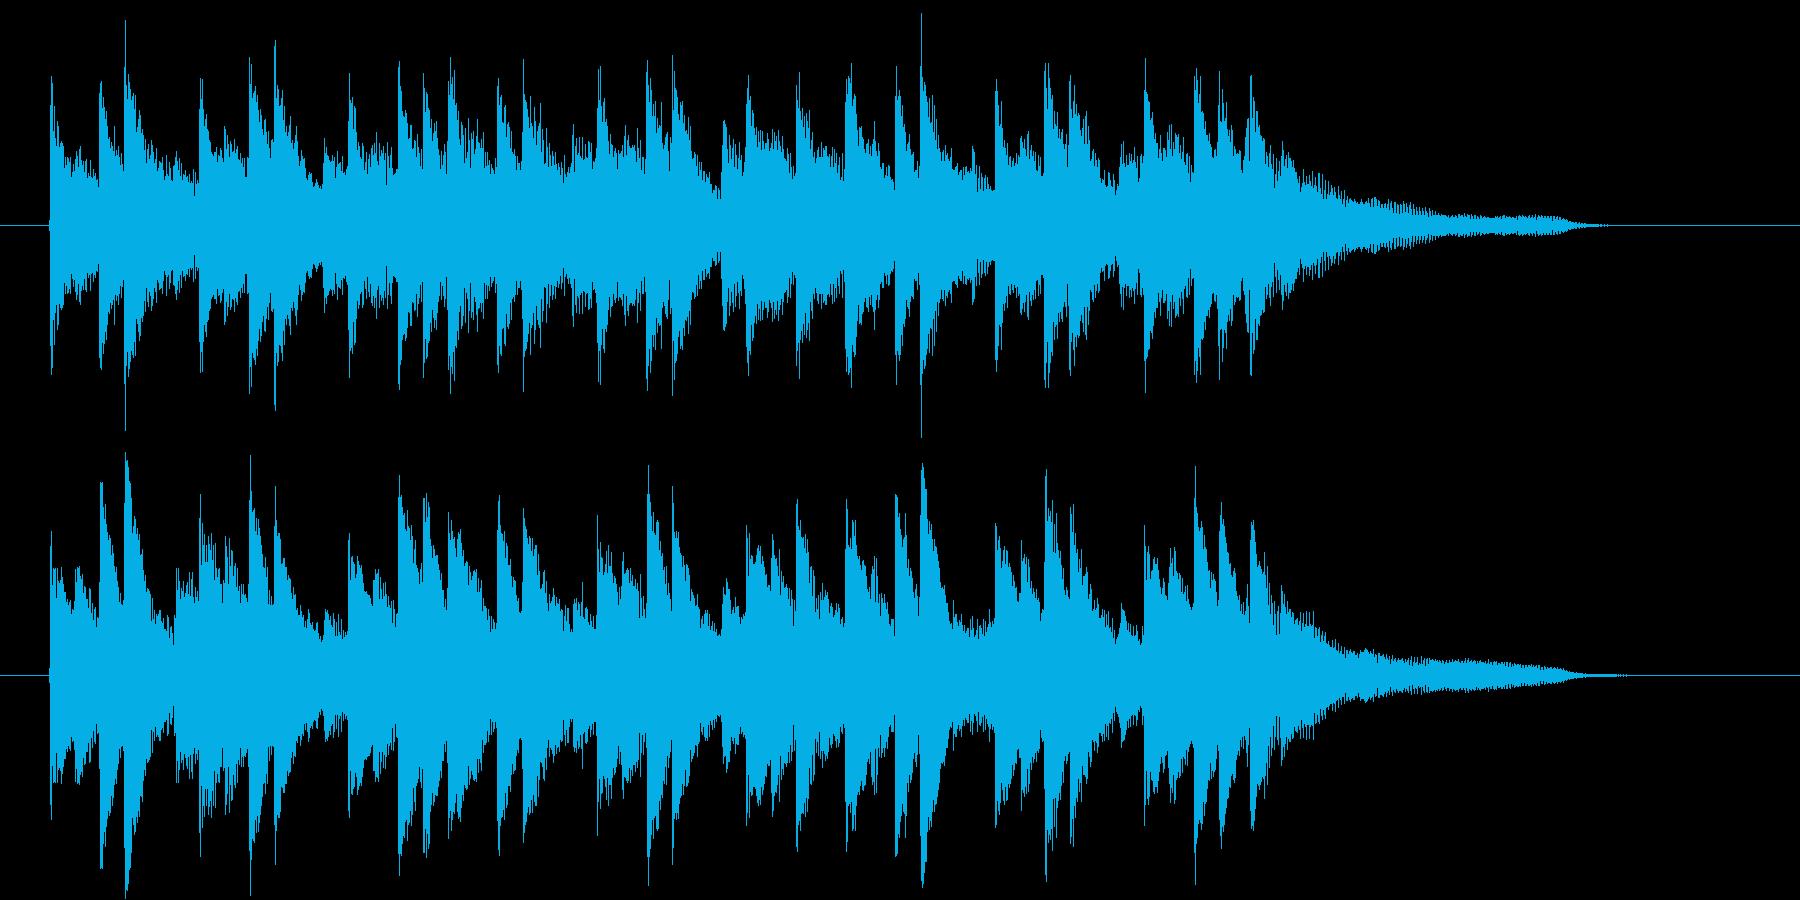 「おしゃれで穏やかなBGM」の再生済みの波形